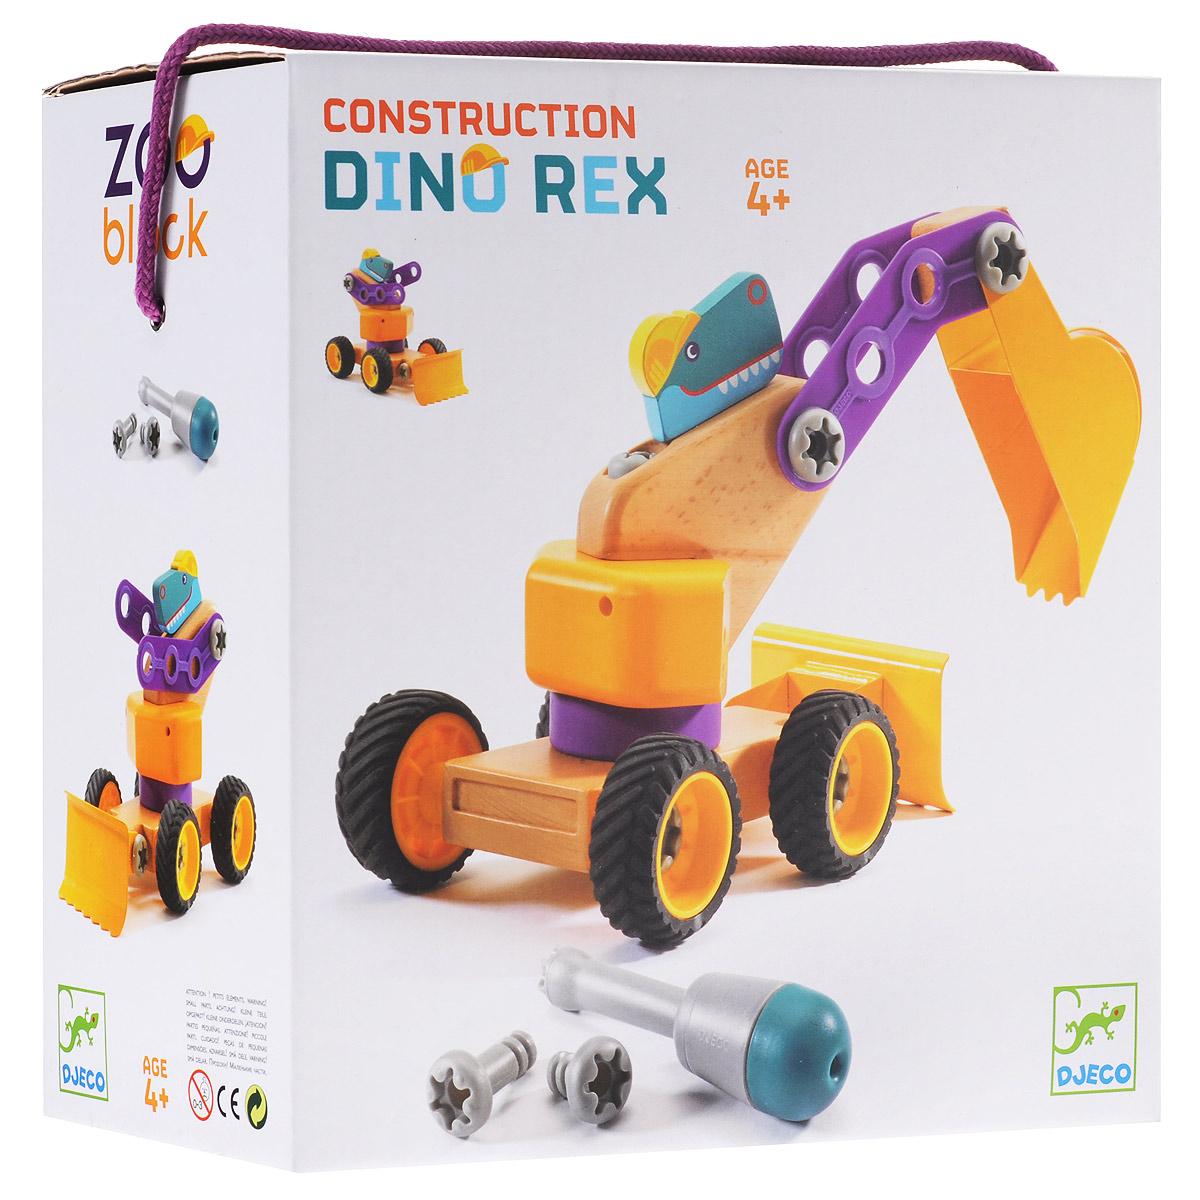 Djeco Конструктор-трансформер Динозавр Рекс06697Конструктор-трансформер Djeco Динозавр Рекс понравится вашему малышу. Конструктор включает 27 элементов, из которых малыш сможет собрать несколько вариантов экскаватора, которым управляет динозавр. Помогут ему в этом отвертка и схематичная инструкция, которые также входят в комплект. Элементы конструктора выполнены из дерева (цельный бук), металла и пластика и имеют удобную для детских ручек форму. Они надежно крепятся друг к другу, так что игрушку можно не только собирать, но и играть с ней. Благодаря высочайшему качеству и прочным деталям с игрушкой прекрасно можно играть как дома, так и на улице. Детский конструктор Djeco Динозавр Рекс развивает мелкую моторику рук, сообразительность и усидчивость ребенка.